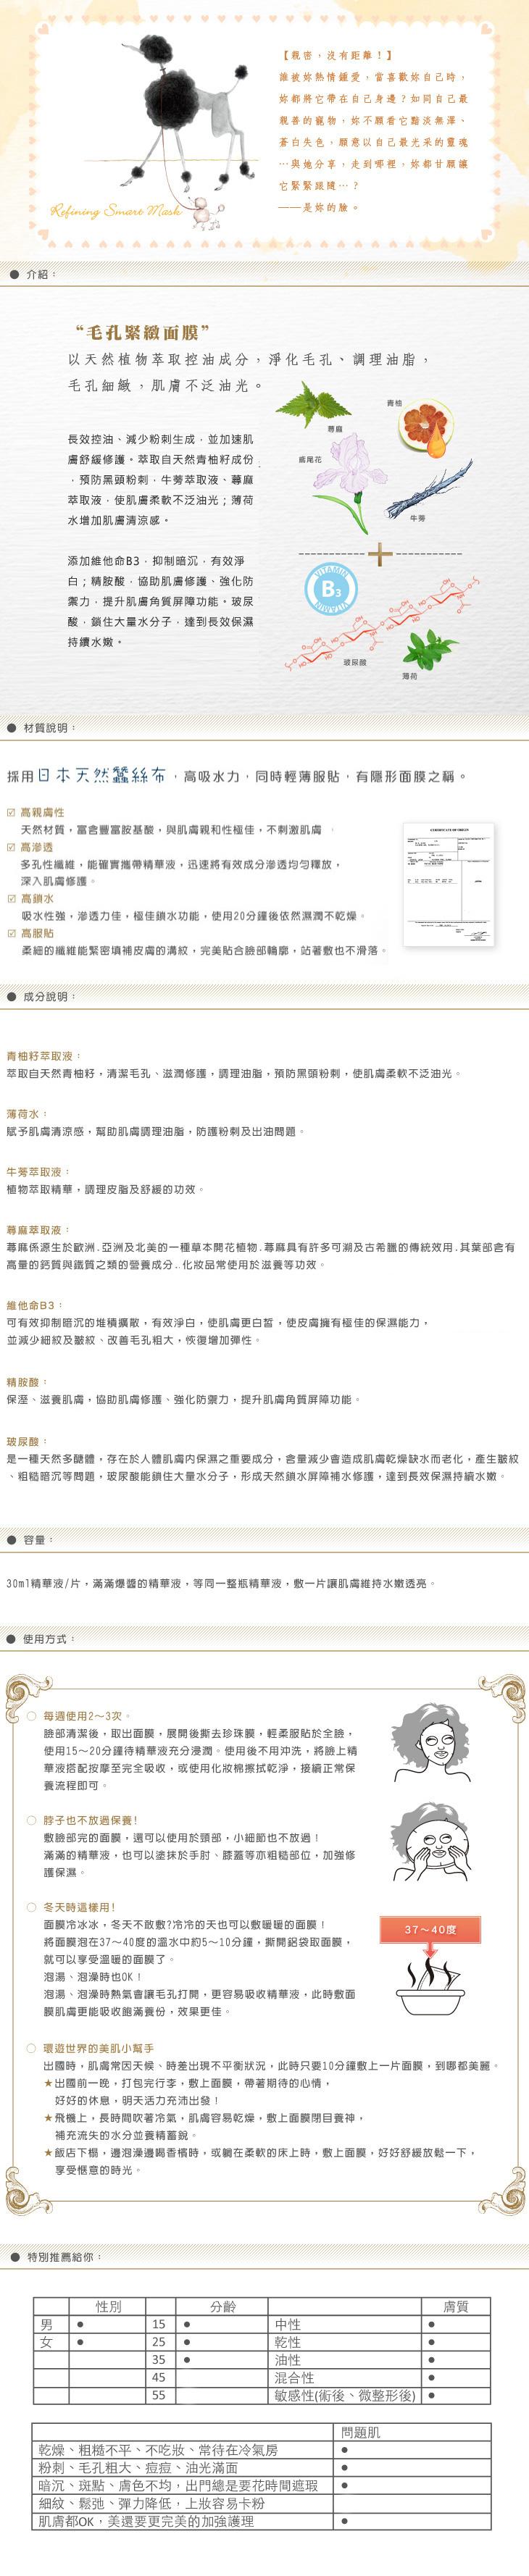 台灣第一精品面膜,全球首選,也是台灣第一家結合紙雕、黑面琵鷺、文創,及設計師的精品面膜,更積極於社會企業,面膜  布採用日本蠶絲布,為台灣唯一首創面膜精品伴手禮。